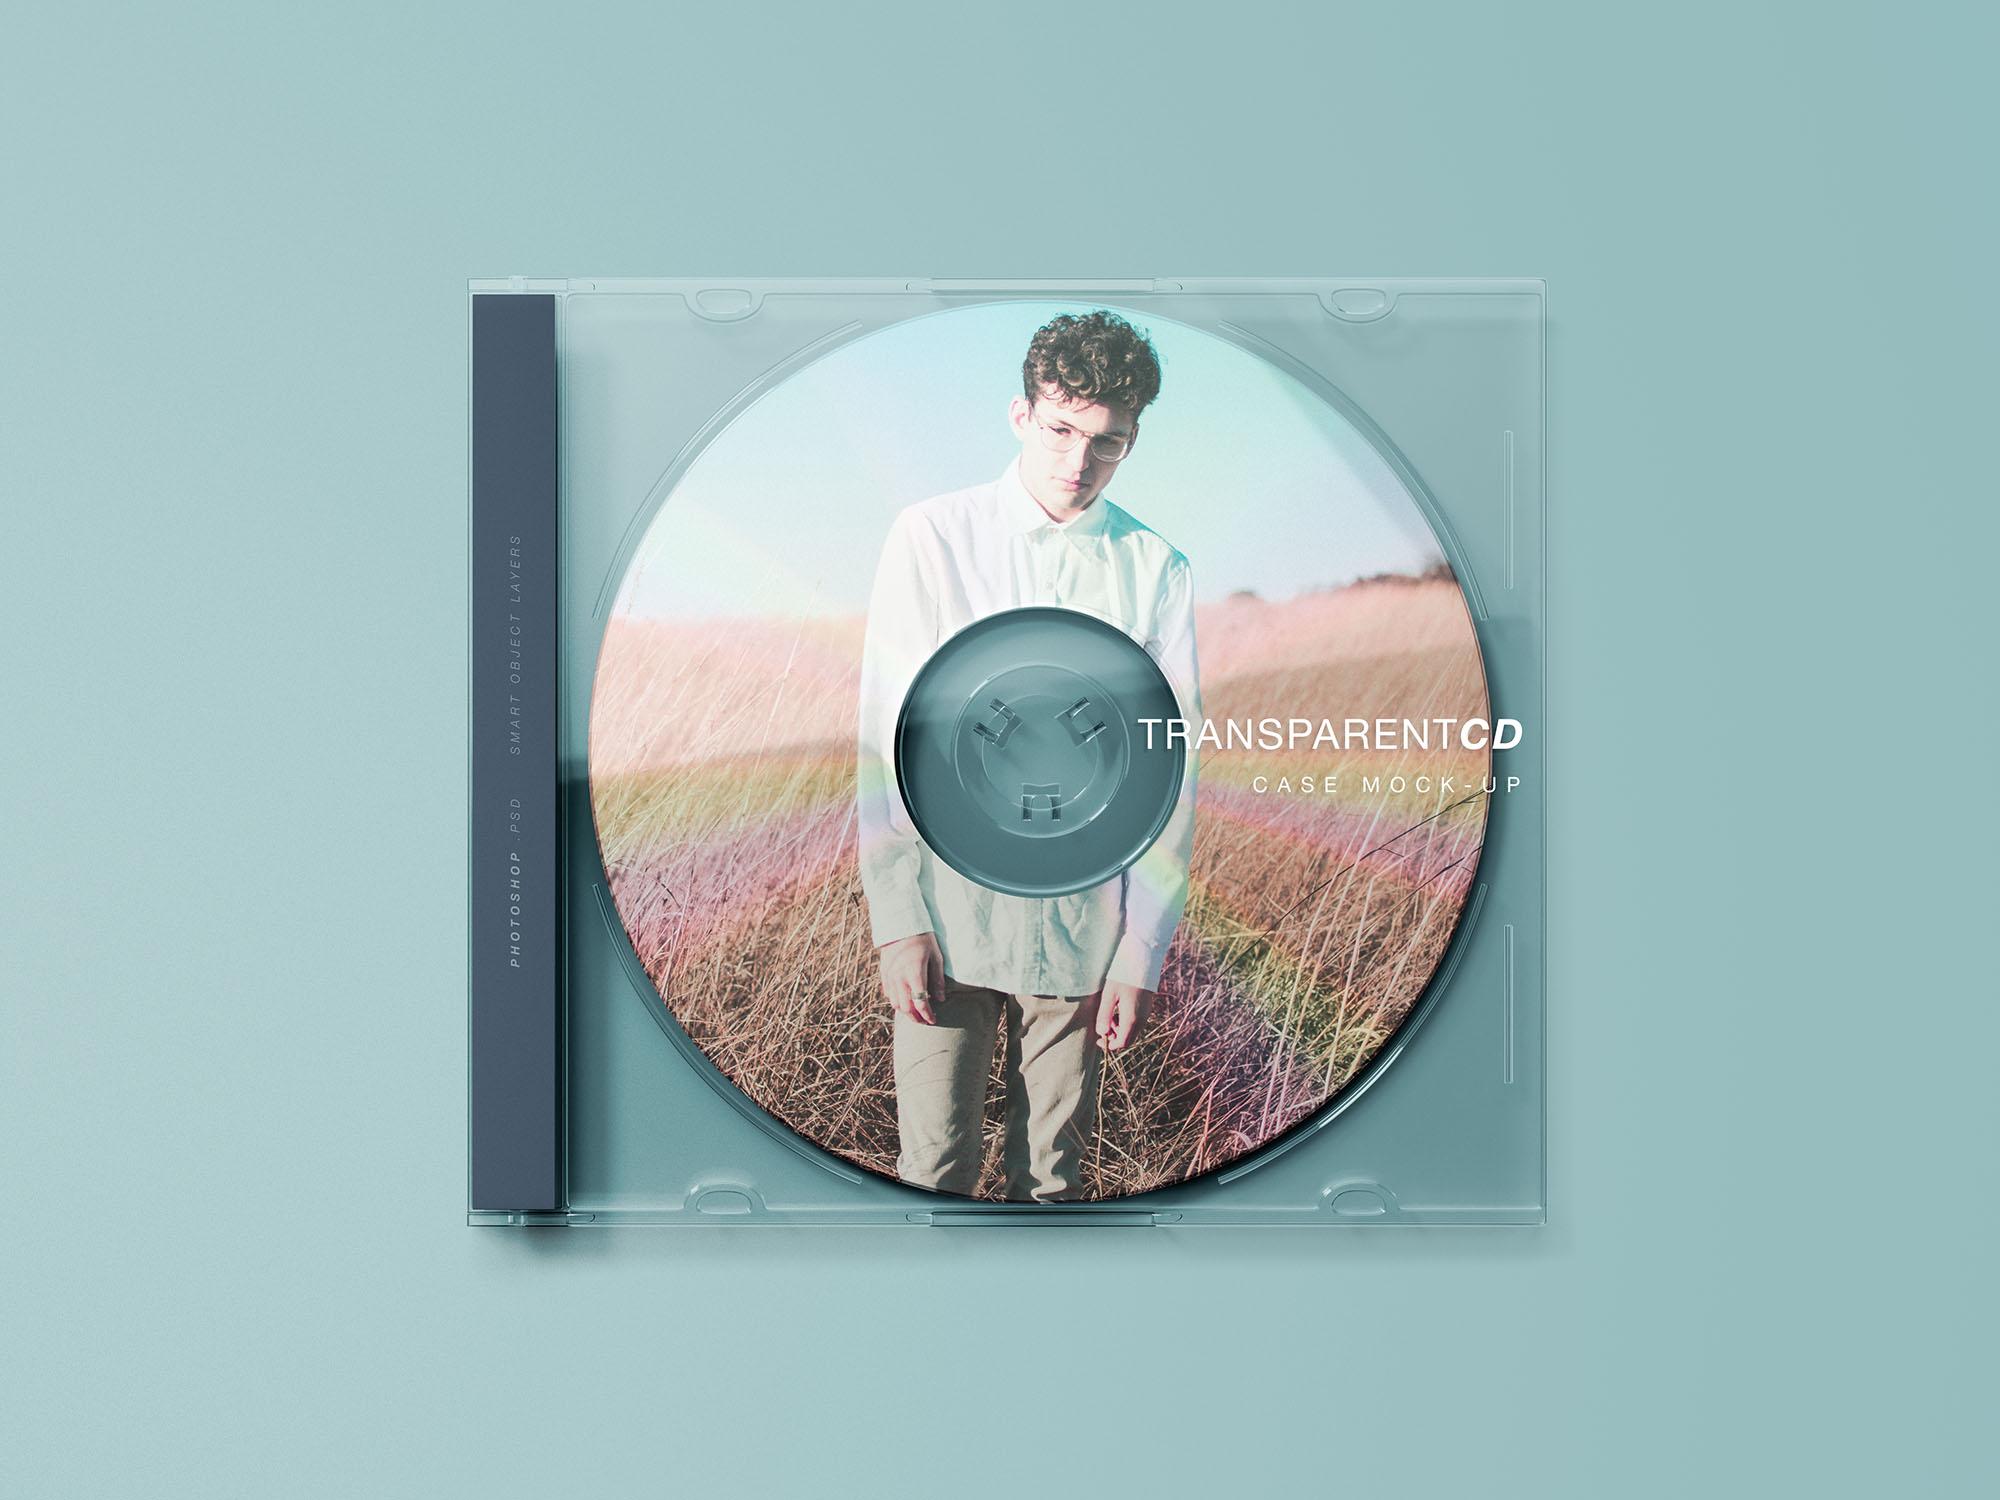 Free Transparent CD Case Mockup